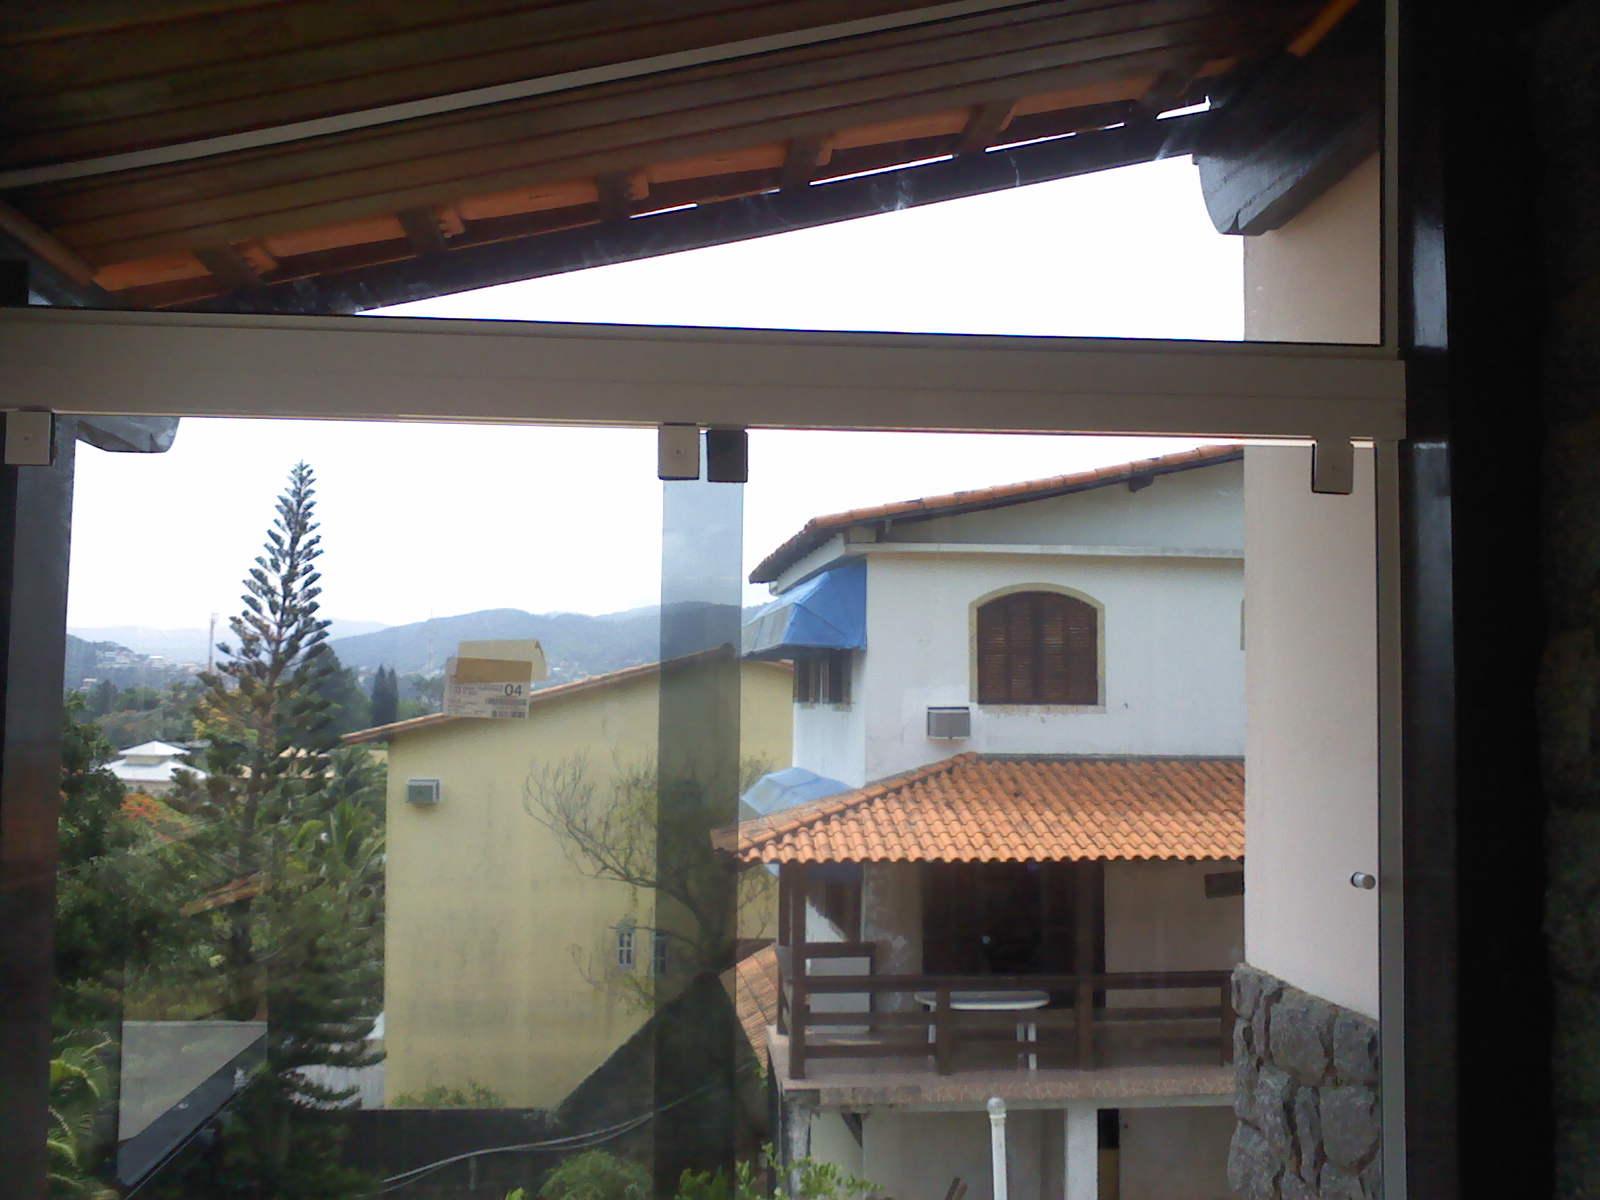 #865F45 janela de correr 2 folhas janela de correr 2 folhas 334 Janelas De Vidro Temperado No Rs